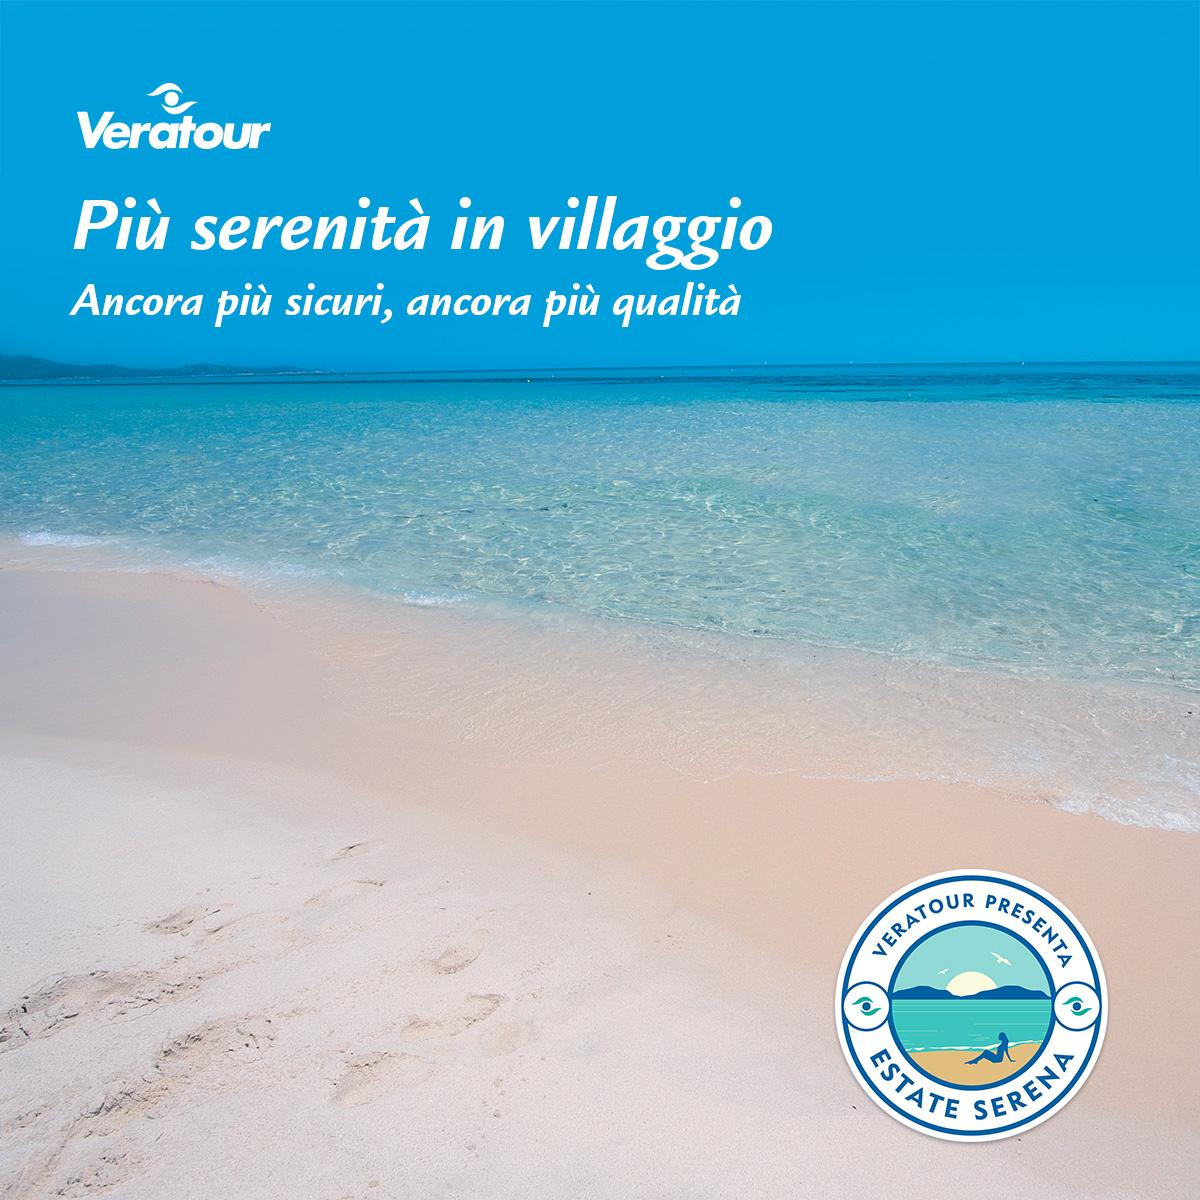 Villaggio_sereno